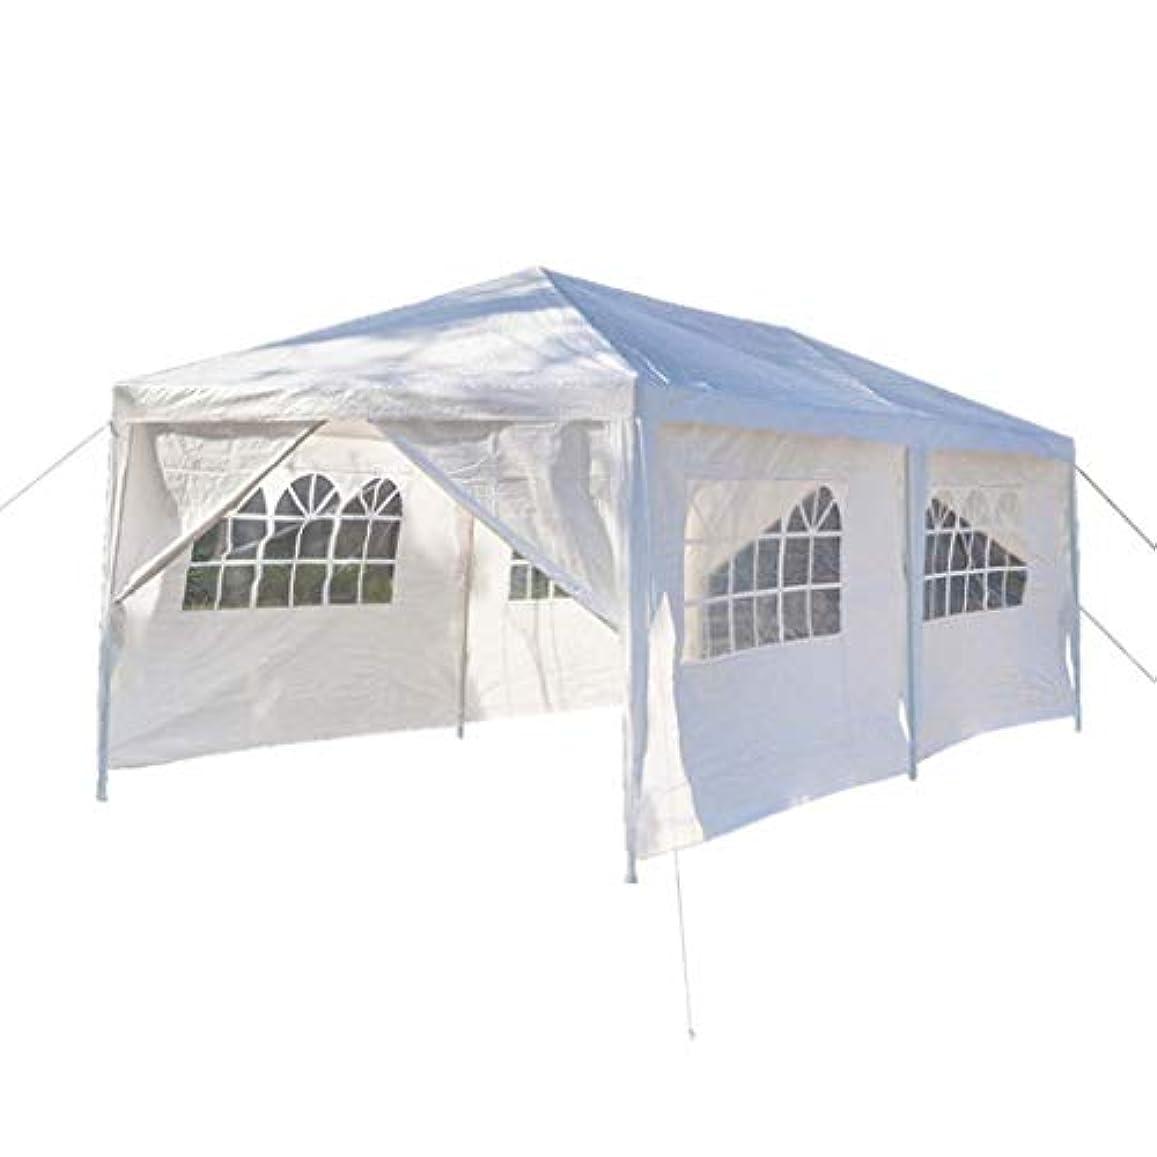 削除する感度レジテント 二重ドアのテントの白いテントのテントの結婚式のテントの実用的な耐久の屋外の重いパビリオンの活動のテント3 x 6m